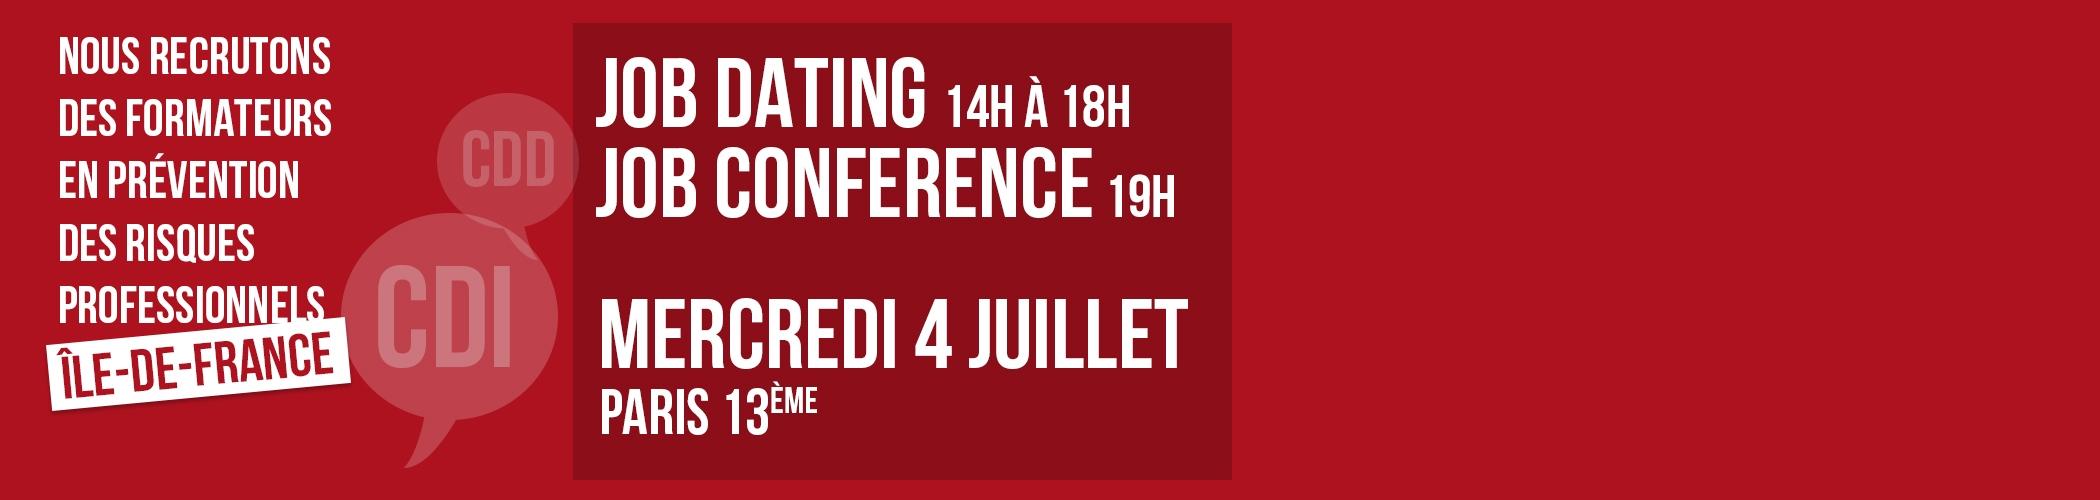 Job Dating et Job Conference le 4 juillet 2018 à Paris